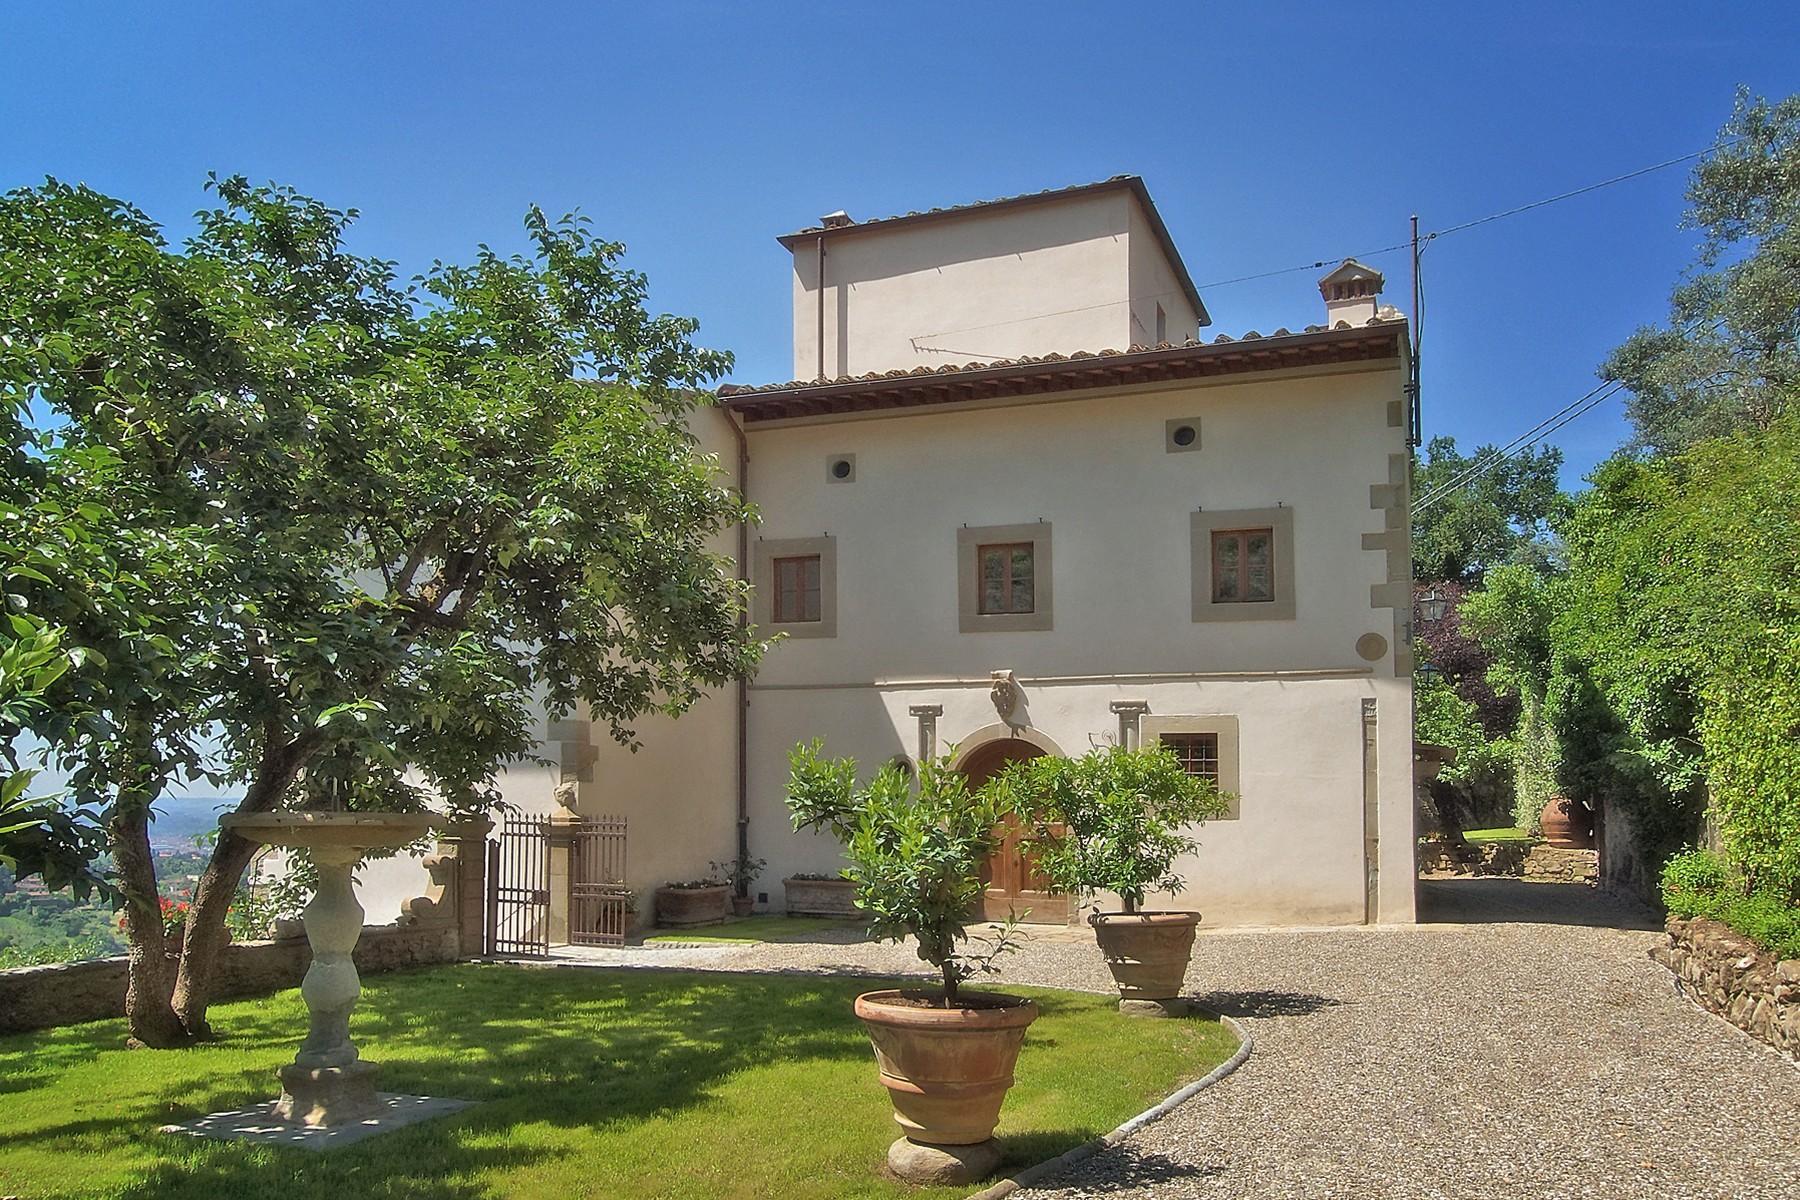 Merveilleuse villa avec piscine sur les collines de Florence - 4